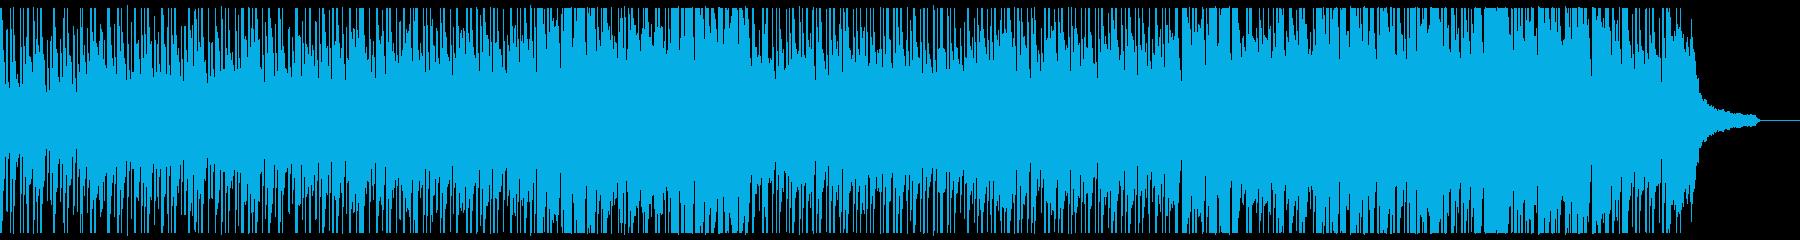 ほのぼのした日常風景。軽い曲。の再生済みの波形